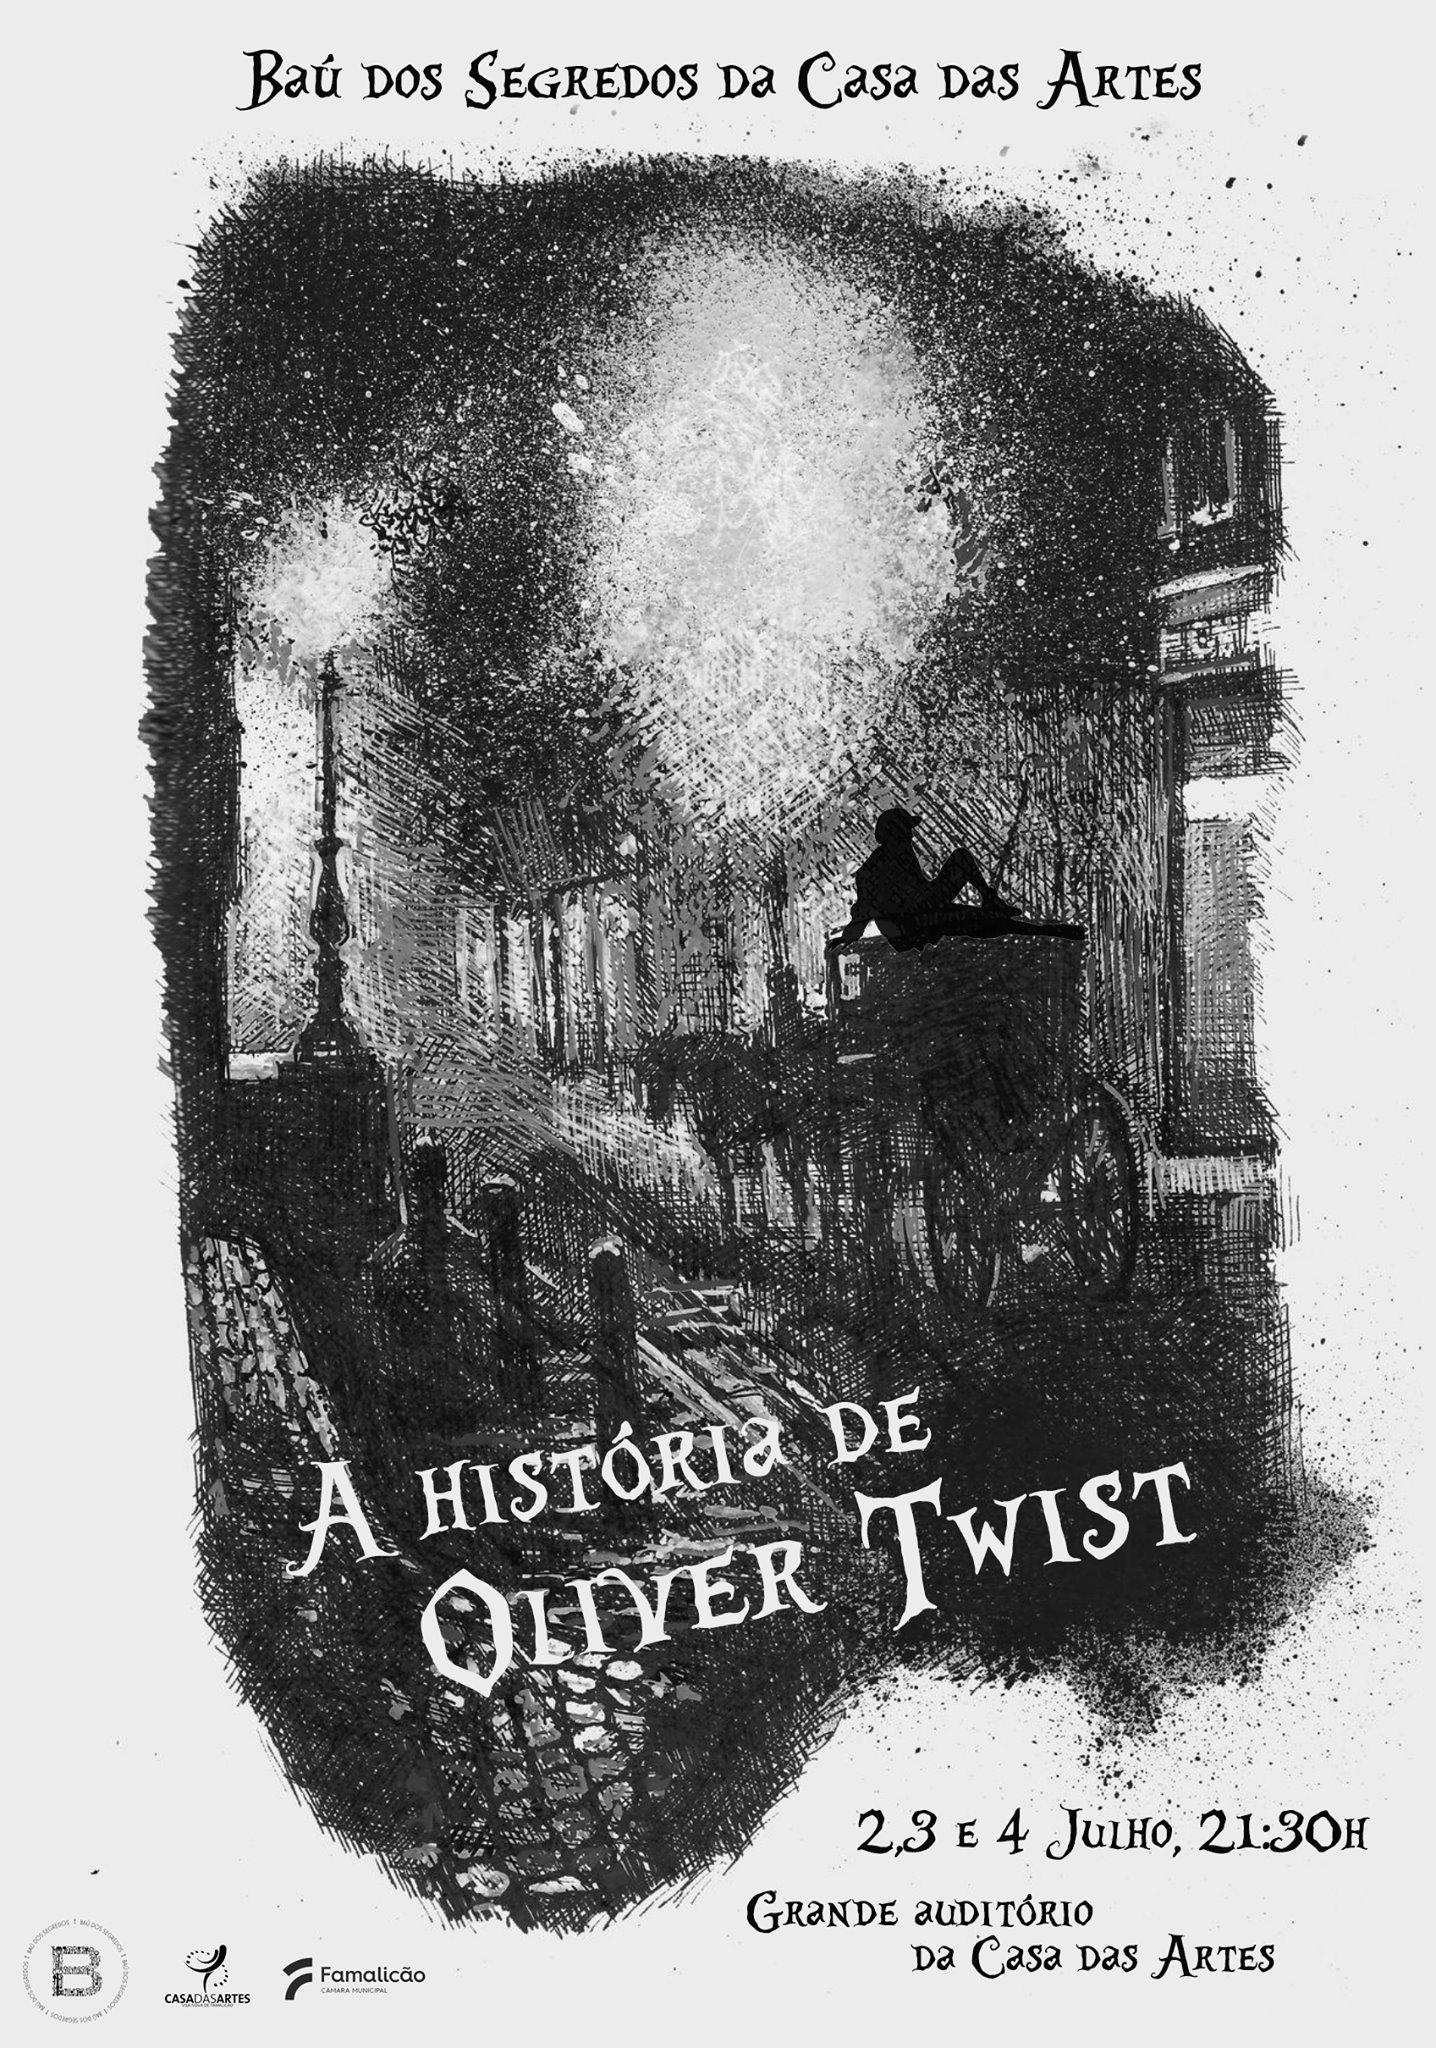 Famalicão. 'Oliver Twist' da companhia teatral Baú dos Segredos abre Casa das Artes (2,3 e 4 JUL)